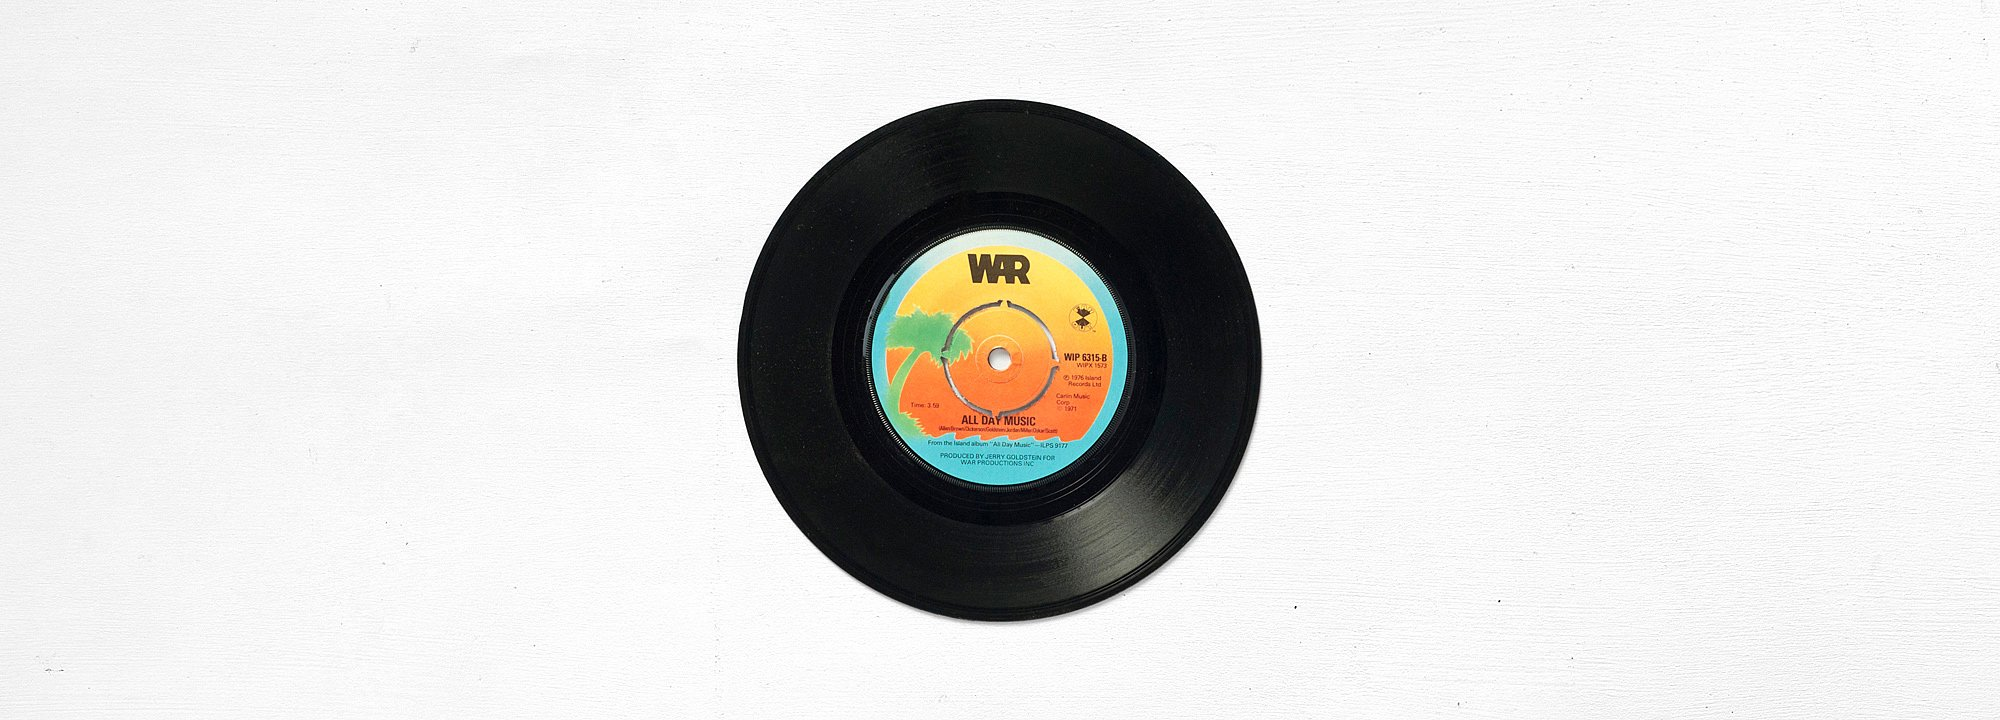 Summer / All Day Music : War